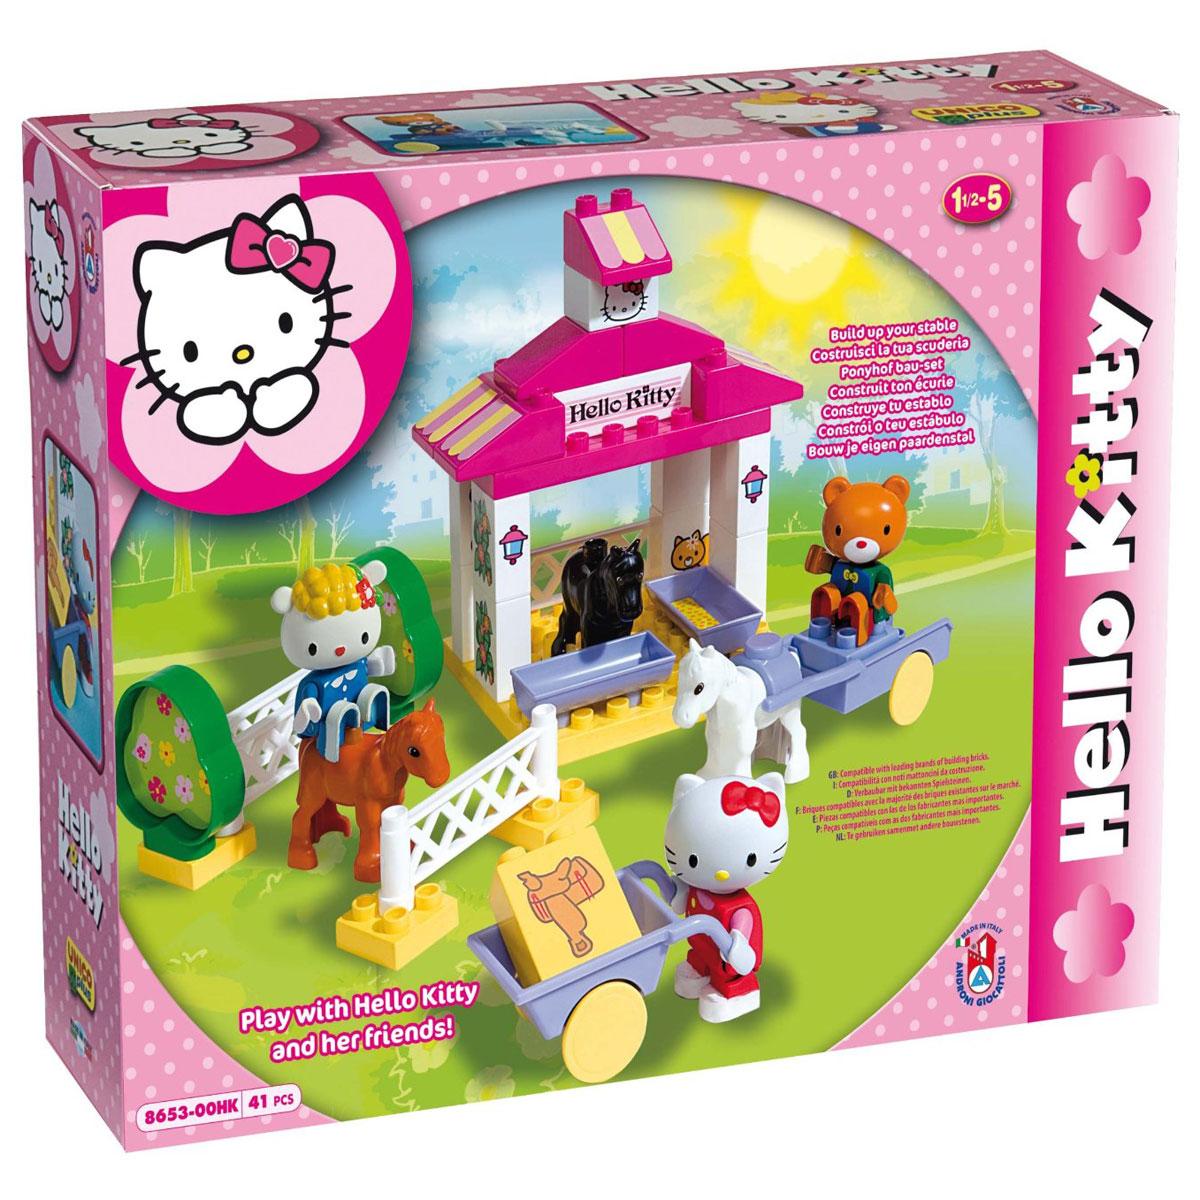 Hello Kitty Конструктор Androni Giocattoli Конюшня8653-00HKКонструктор Androni Giocattoli Hello Kitty: Конюшня обязательно порадует вашу малышку и не позволит ей скучать. Игровой набор состоит из 41 детали конструктора, выполненных из безопасного высококачественного пластика ярких цветов (детали для сборки фермы, фигурки персонажей, фигурки лошадок, элементы декора, аксессуары). Из элементов конструктора малышка сможет собрать ферму, где Kitty с друзьями смогут покормить лошадок, покататься на них верхом и на повозке. Красочные фигурки Hello Kitty и ее друзей будут очень интересны вашему ребенку. У фигурок двигаются ручки и ножки. С любимыми героями ребенок может играть как один, так и в компании с другими детьми, придумывая свои интересные истории. Благодаря играм, в которых ребенок собирает из деталей целое, придумывает различные сюжеты, развивается мелкая моторика рук, пространственное мышление, воображение и творческие способности малыша. Детали конструктора совместимы с игрушечными строительными элементами известных...